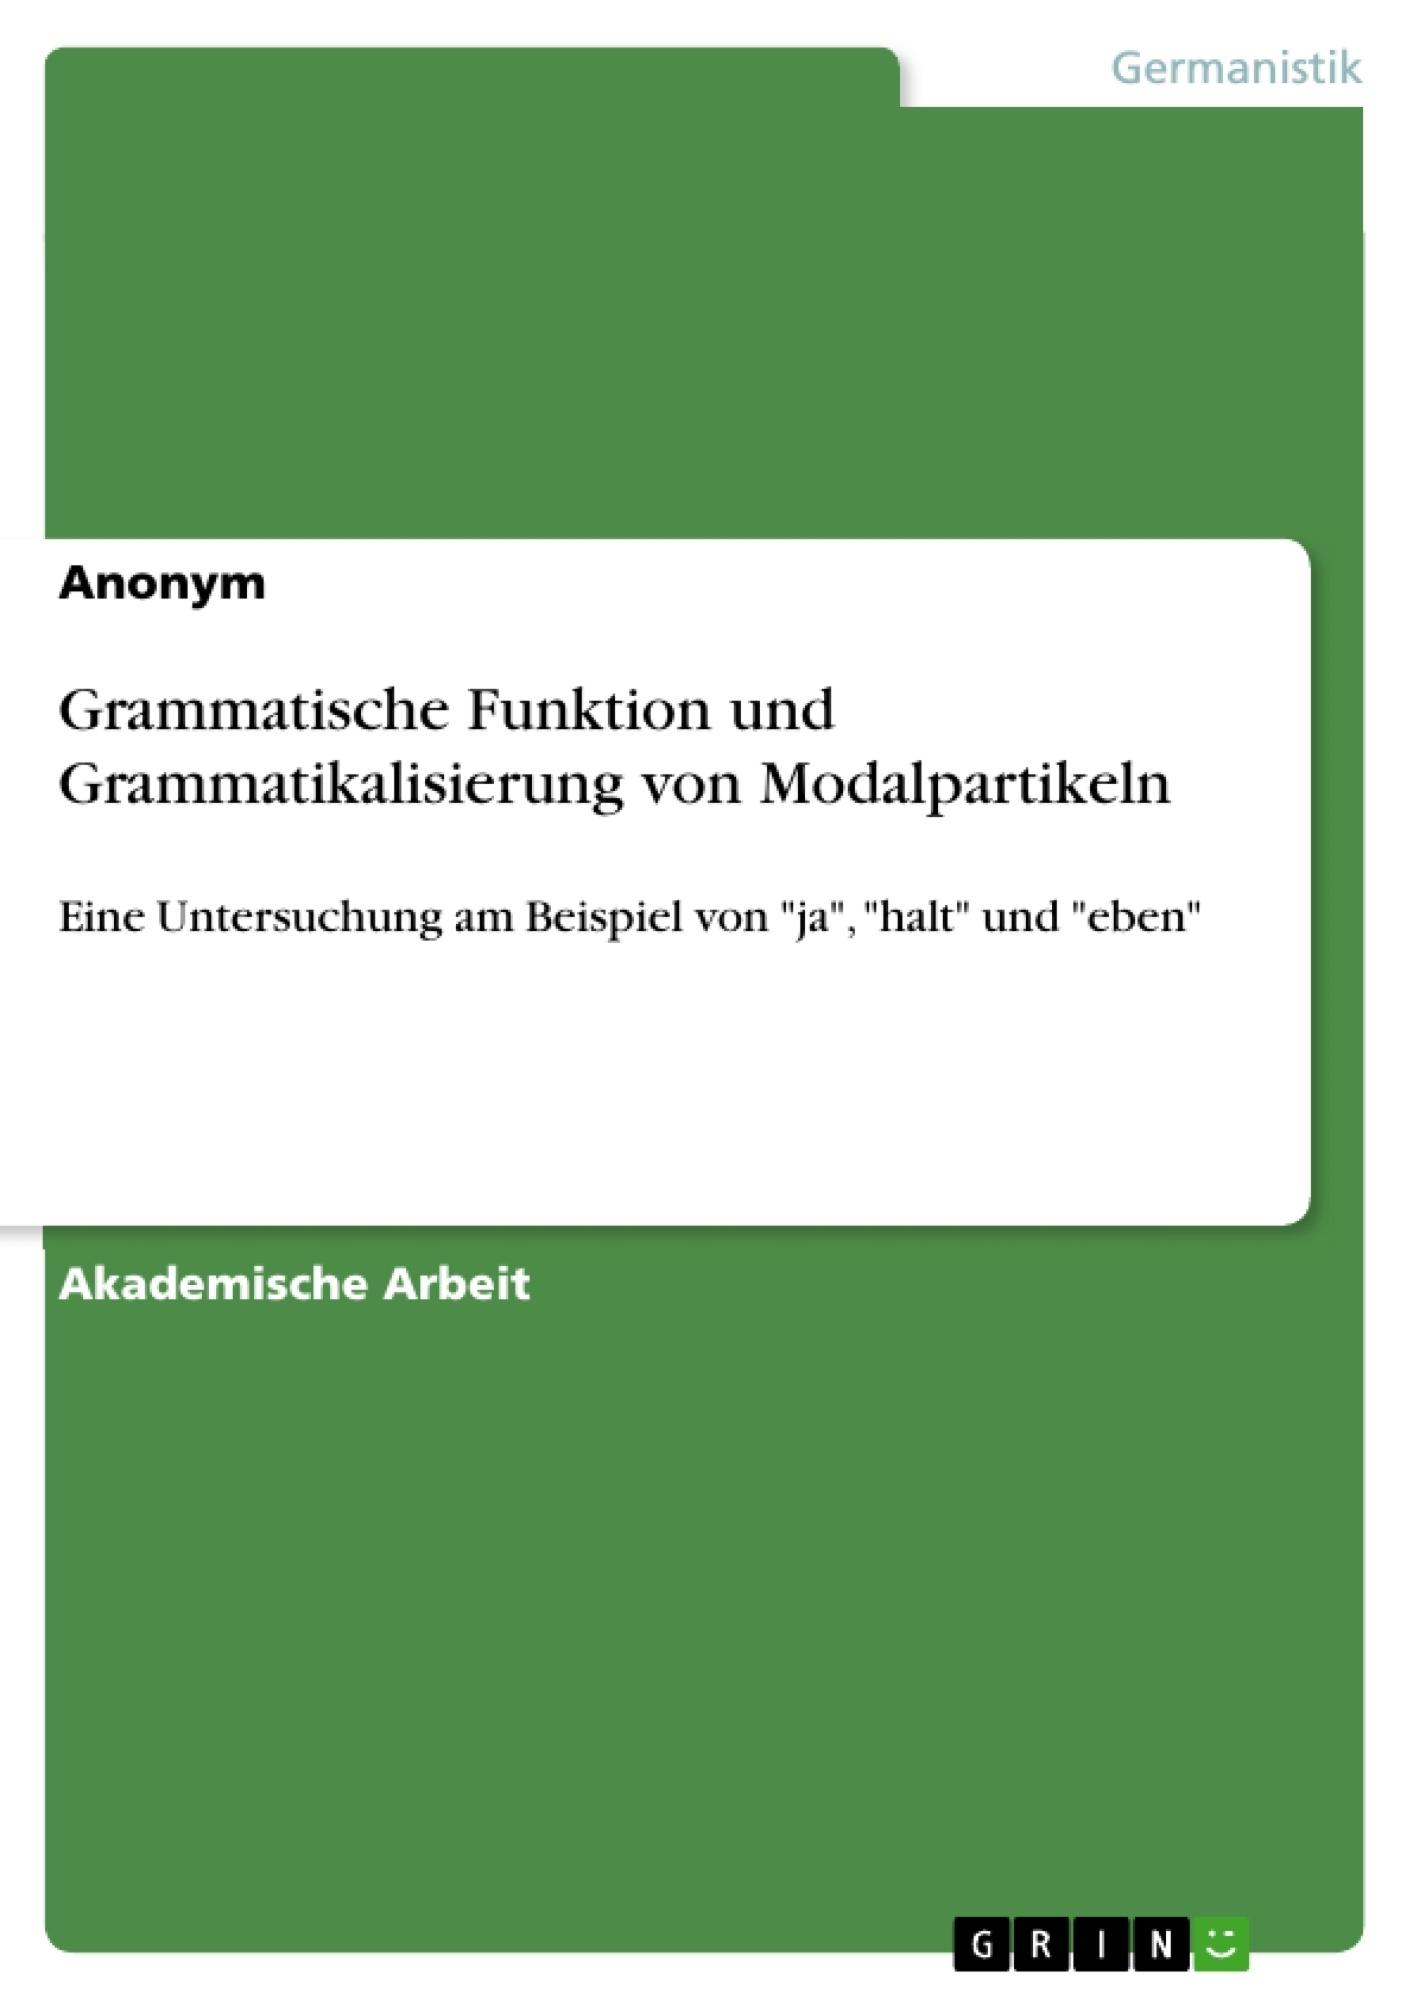 Titel: Grammatische Funktion und Grammatikalisierung von Modalpartikeln